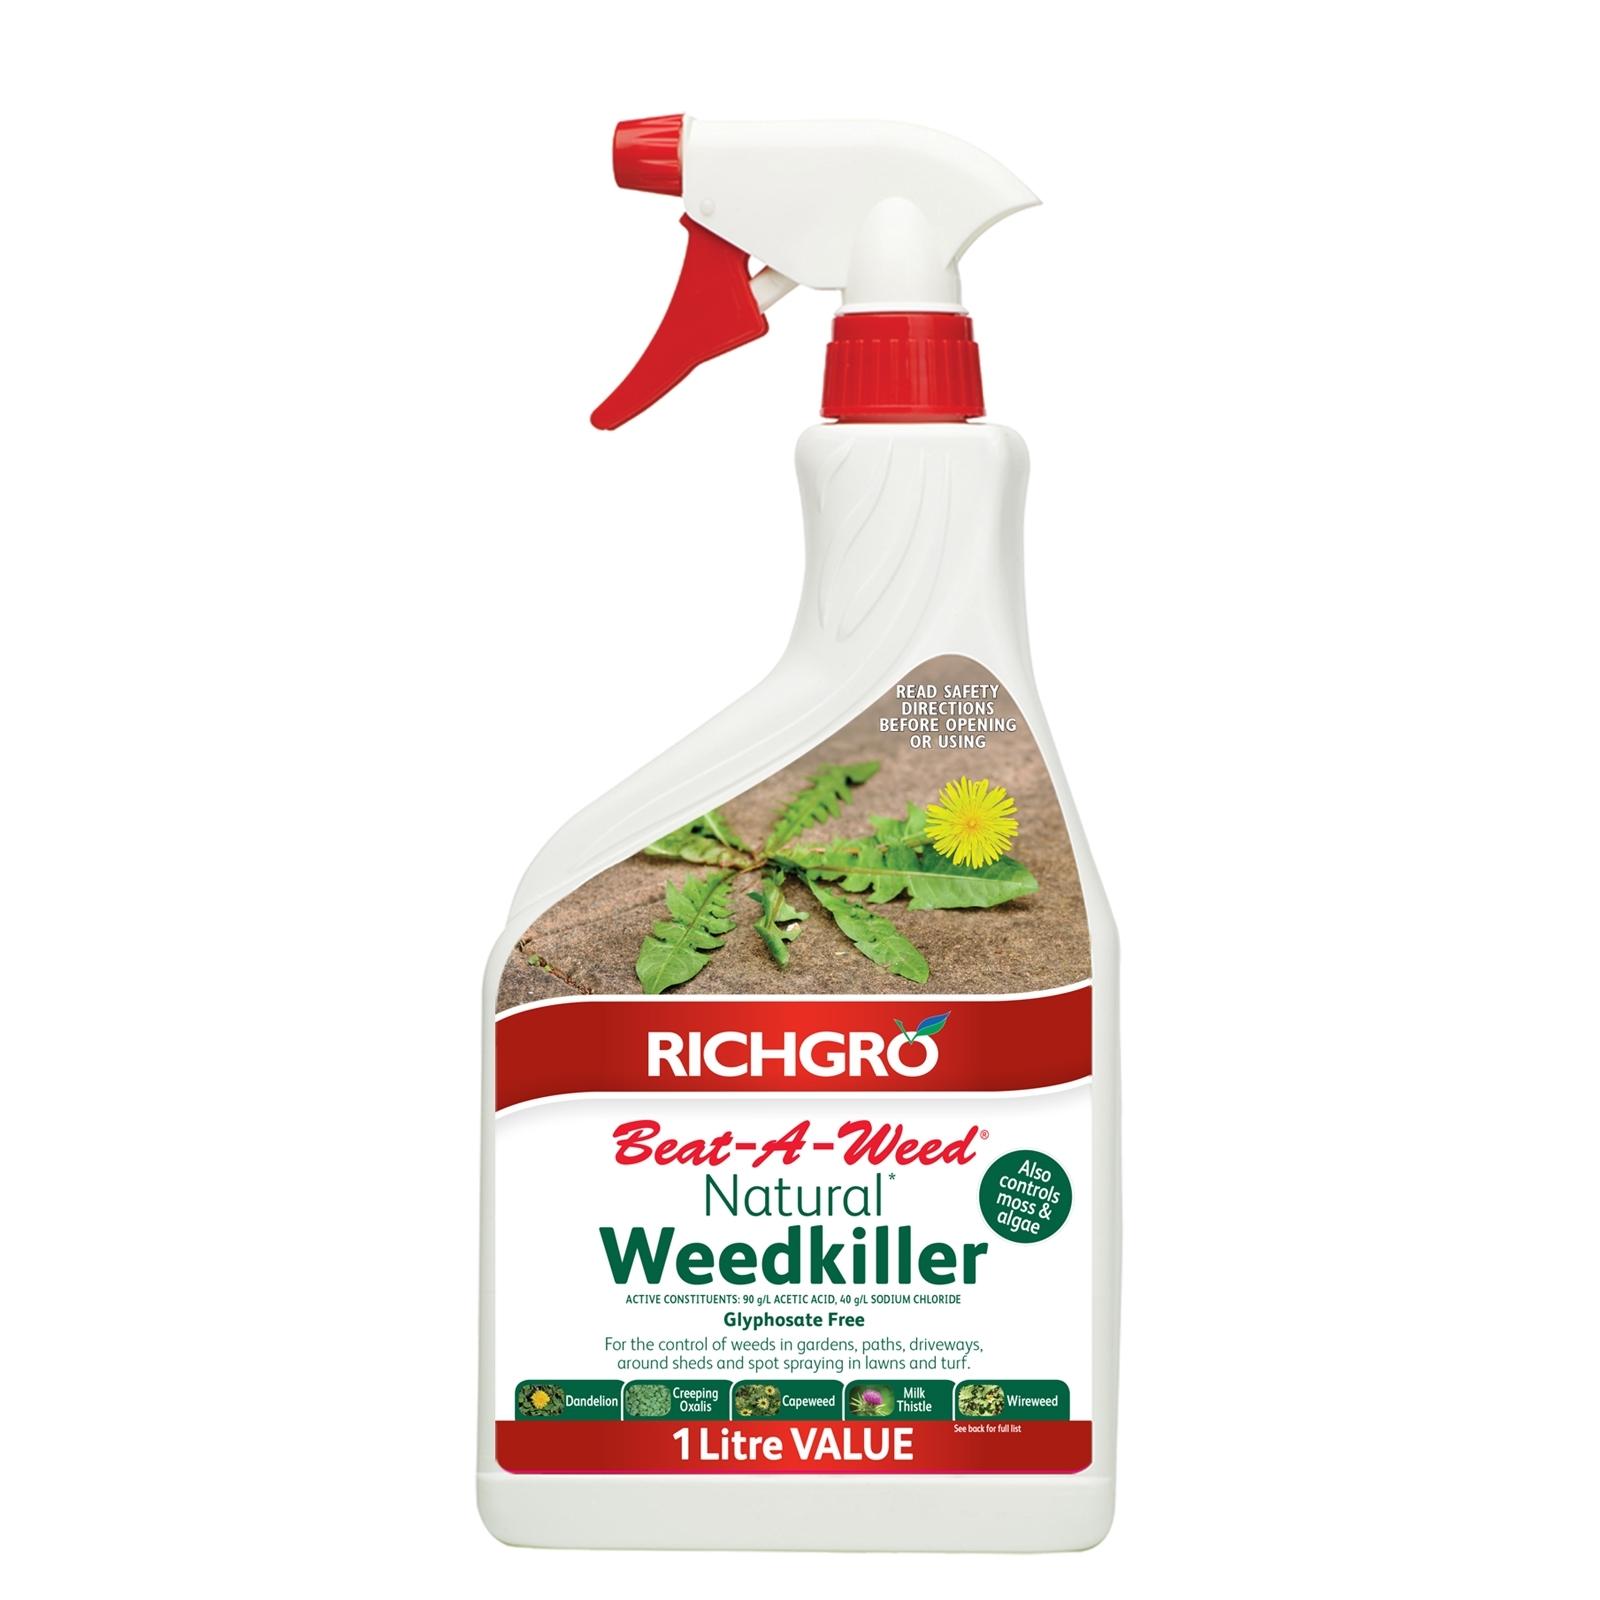 Richgro 1L Beat-A-Weed Natural Weedkiller